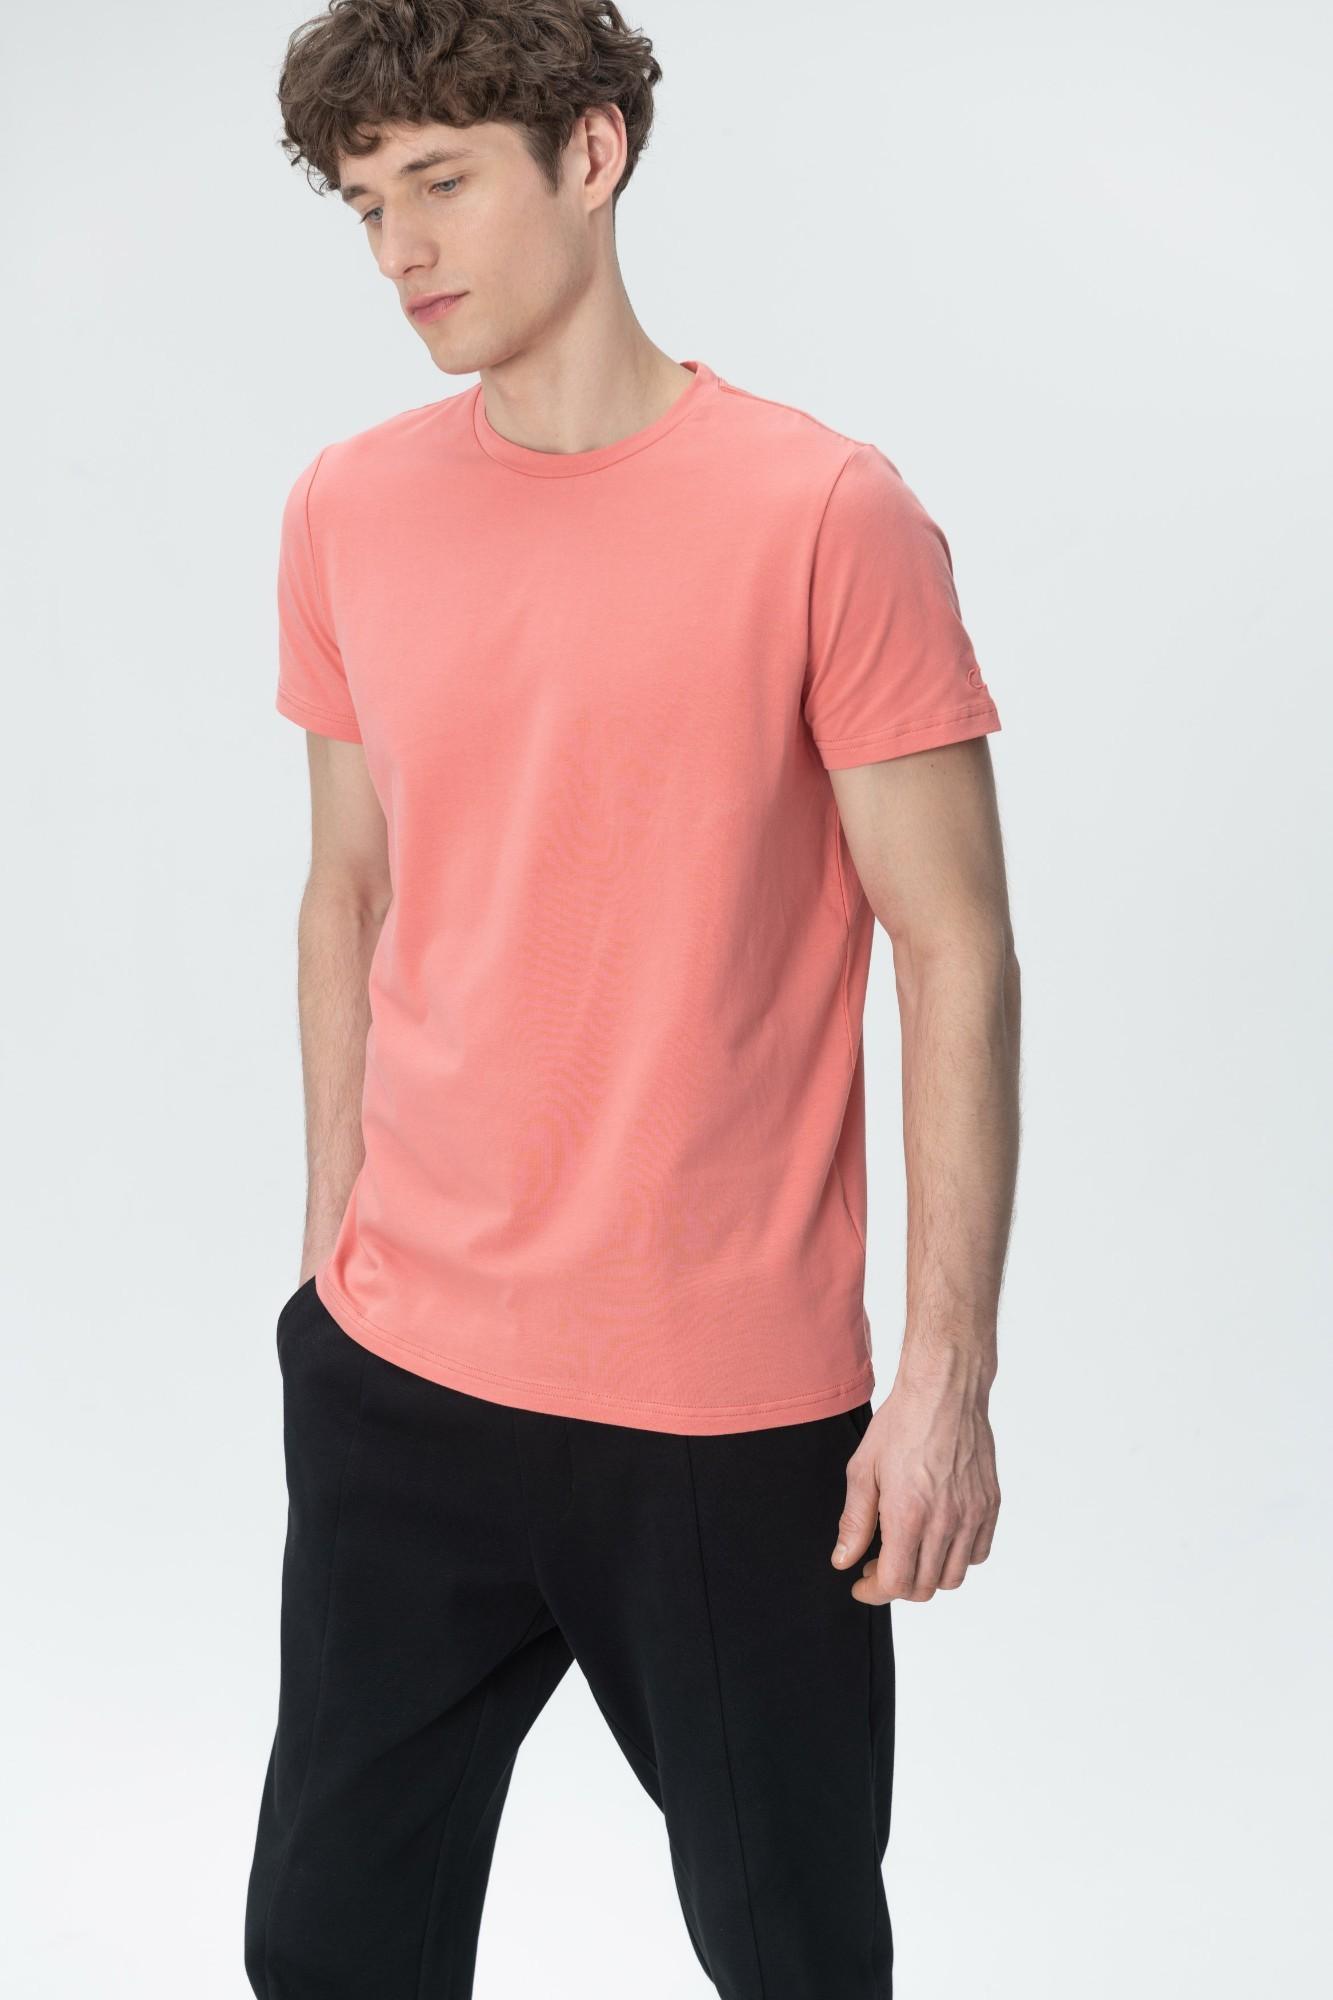 AUDIMAS Tamprūs medvilniniai marškinėliai 2011-472 Lantana M